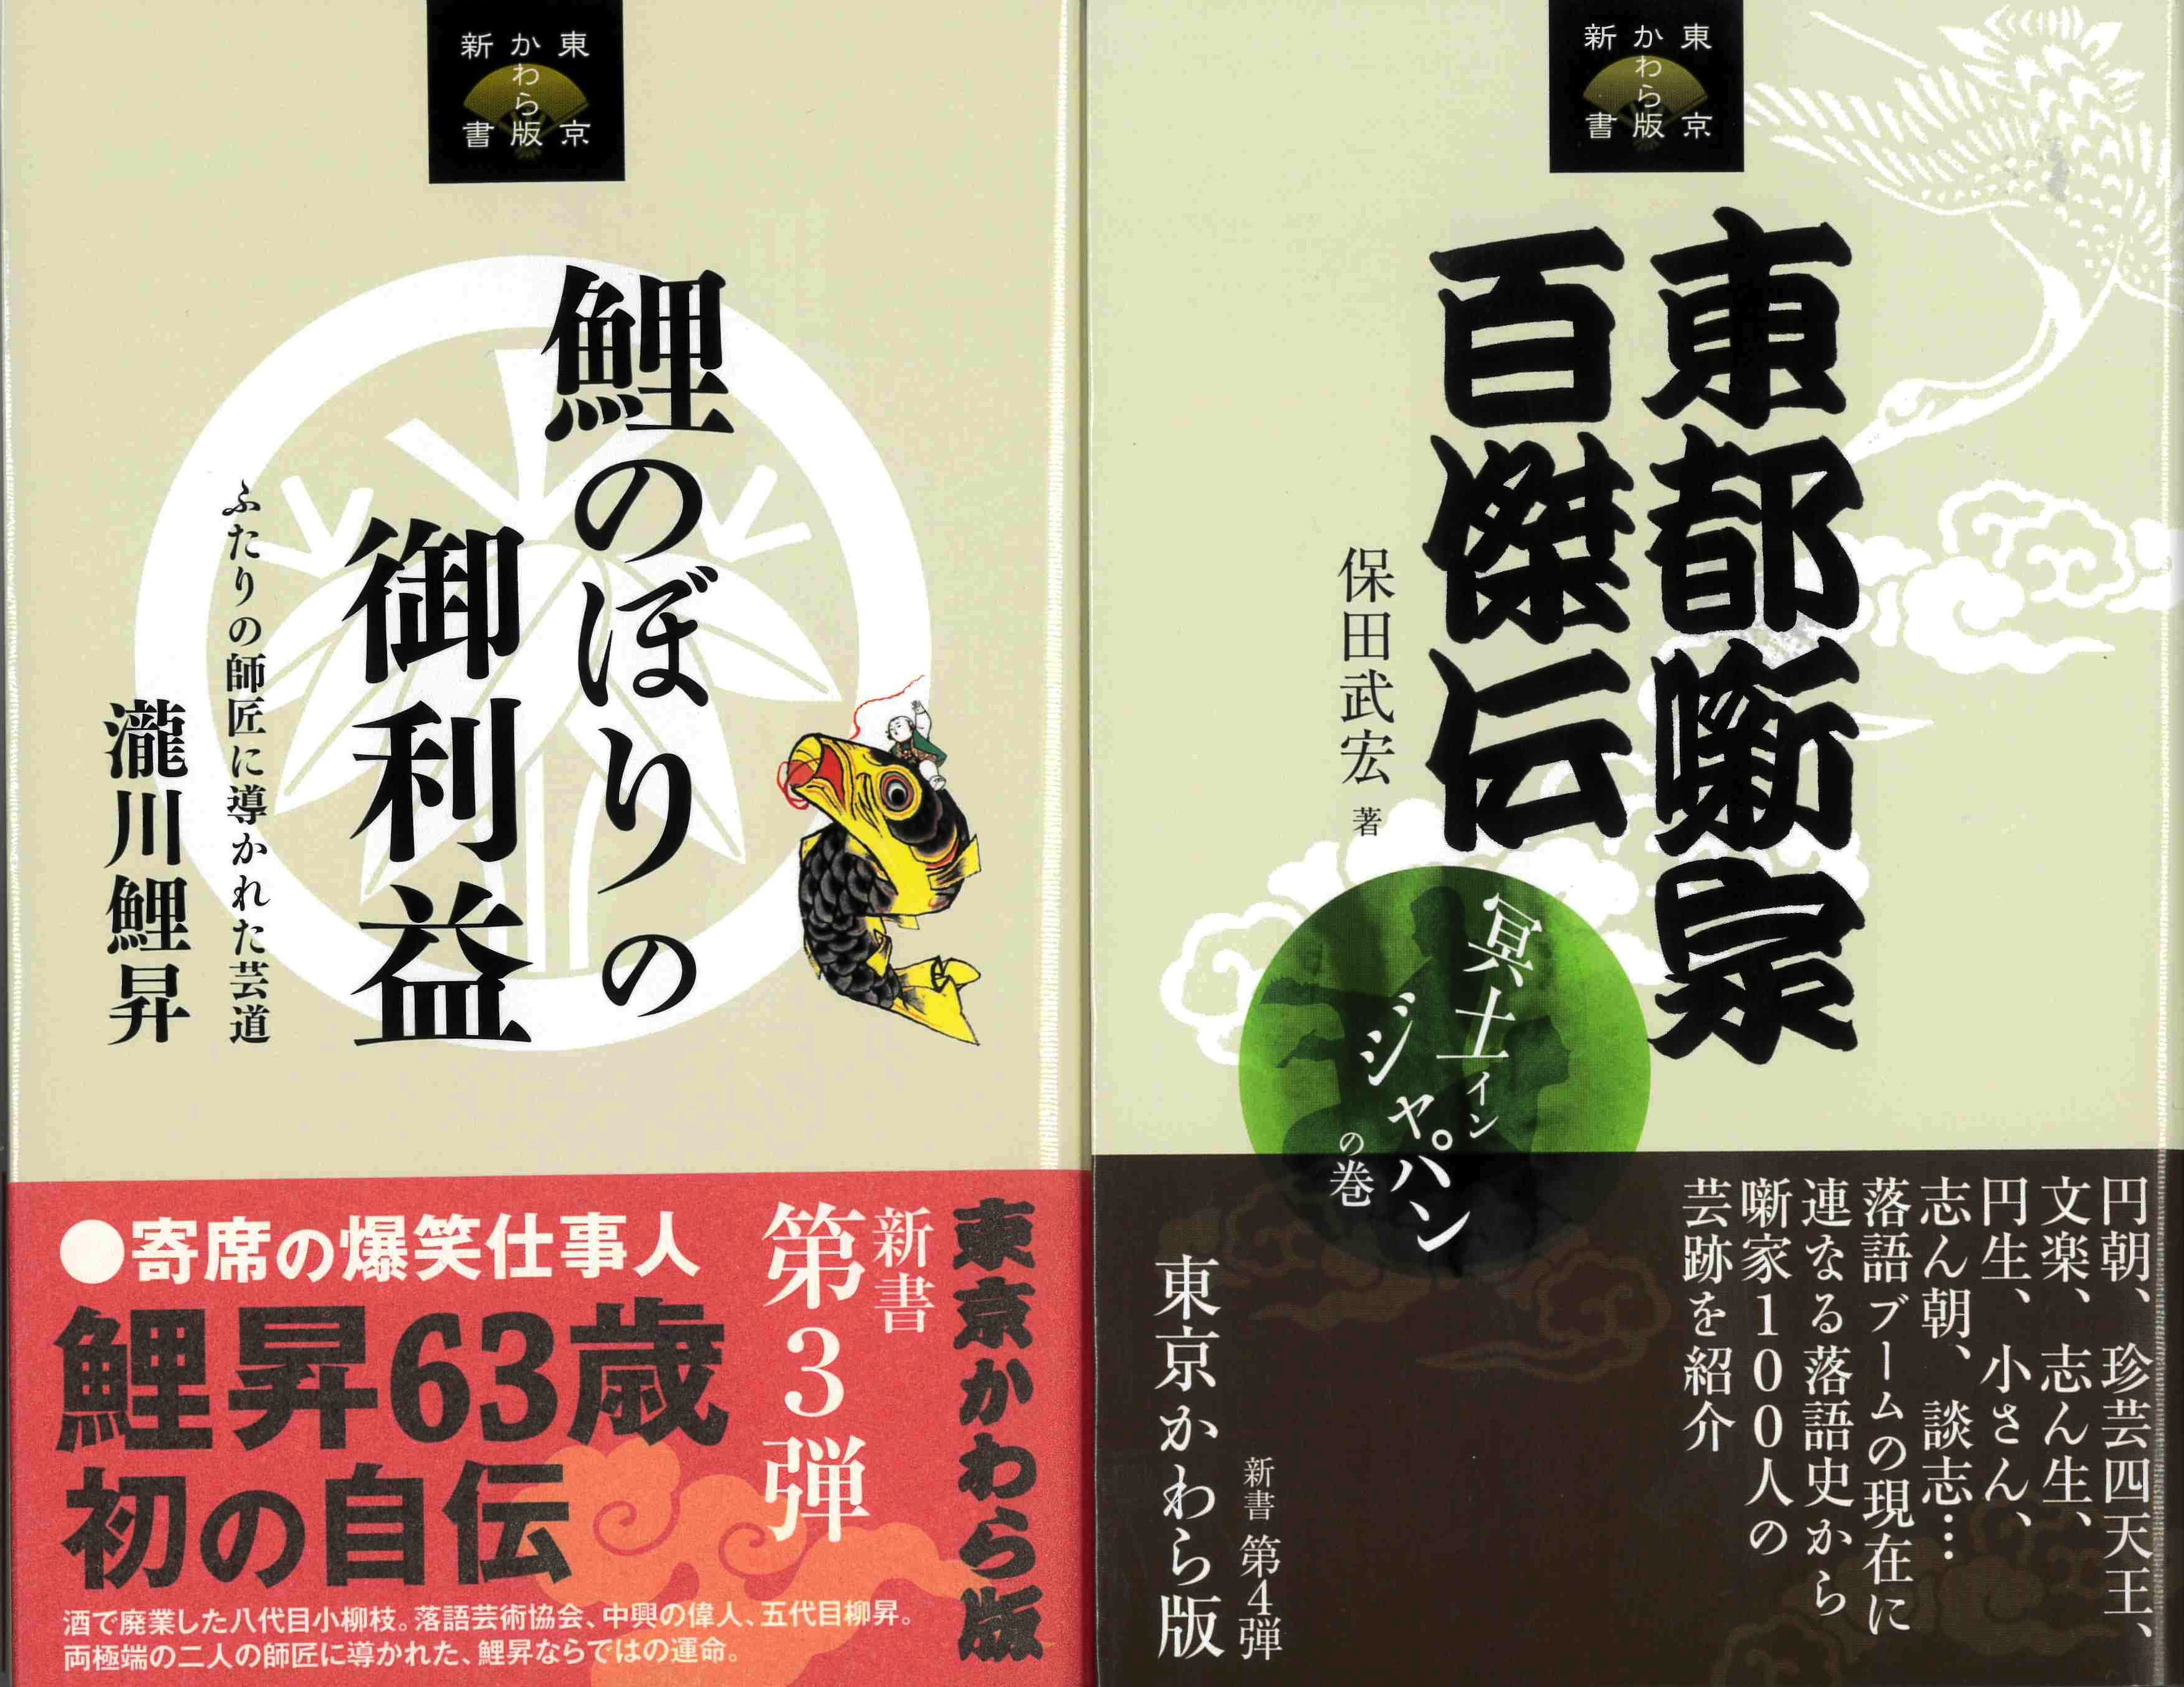 重版出来!新書3『鯉のぼりの御利益』&新書4『東都噺家百傑伝』